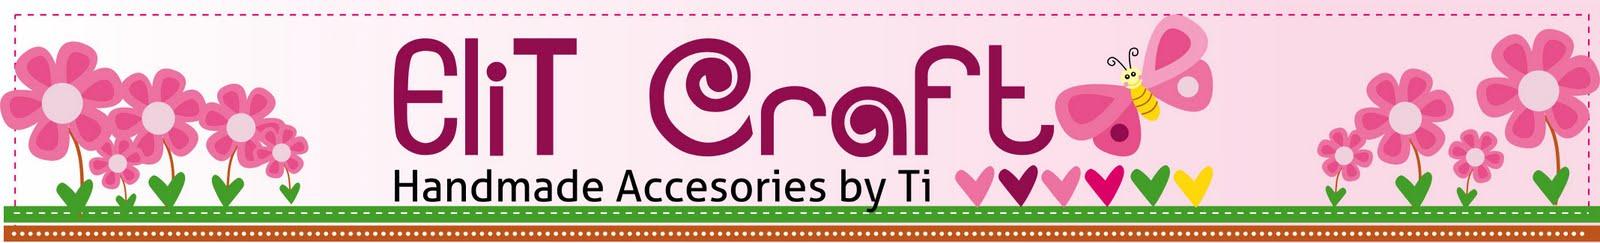 EliT Craft